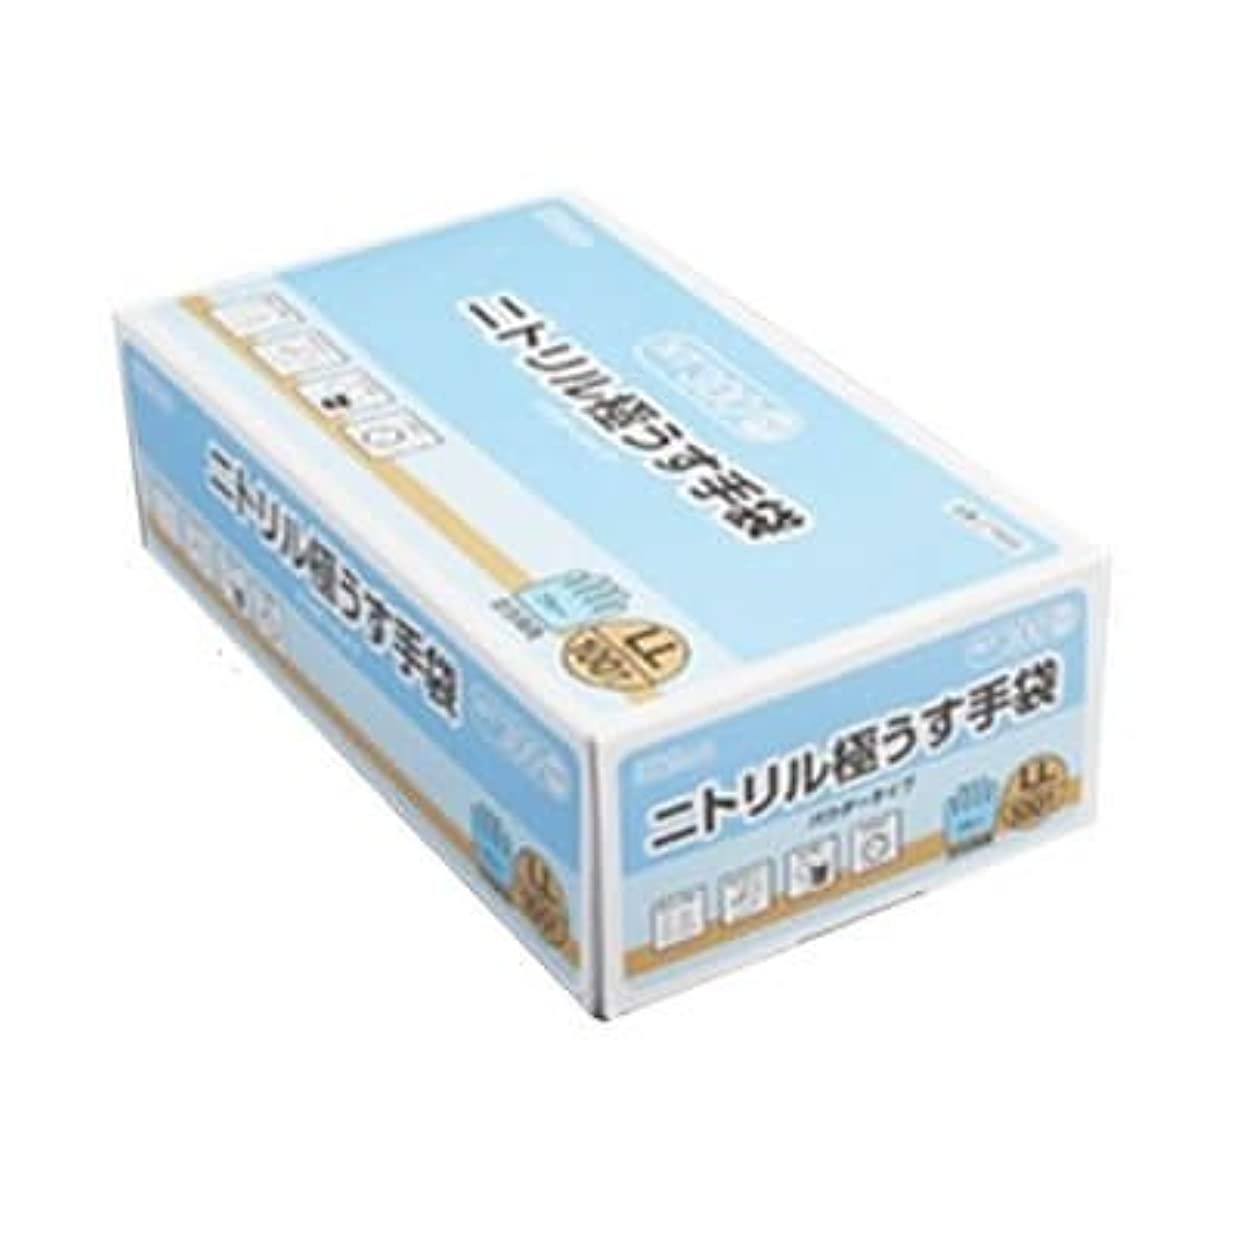 聖人モチーフ精緻化【ケース販売】 ダンロップ ニトリル極うす手袋 粉付 LL ブルー NT-300 (100枚入×20箱)